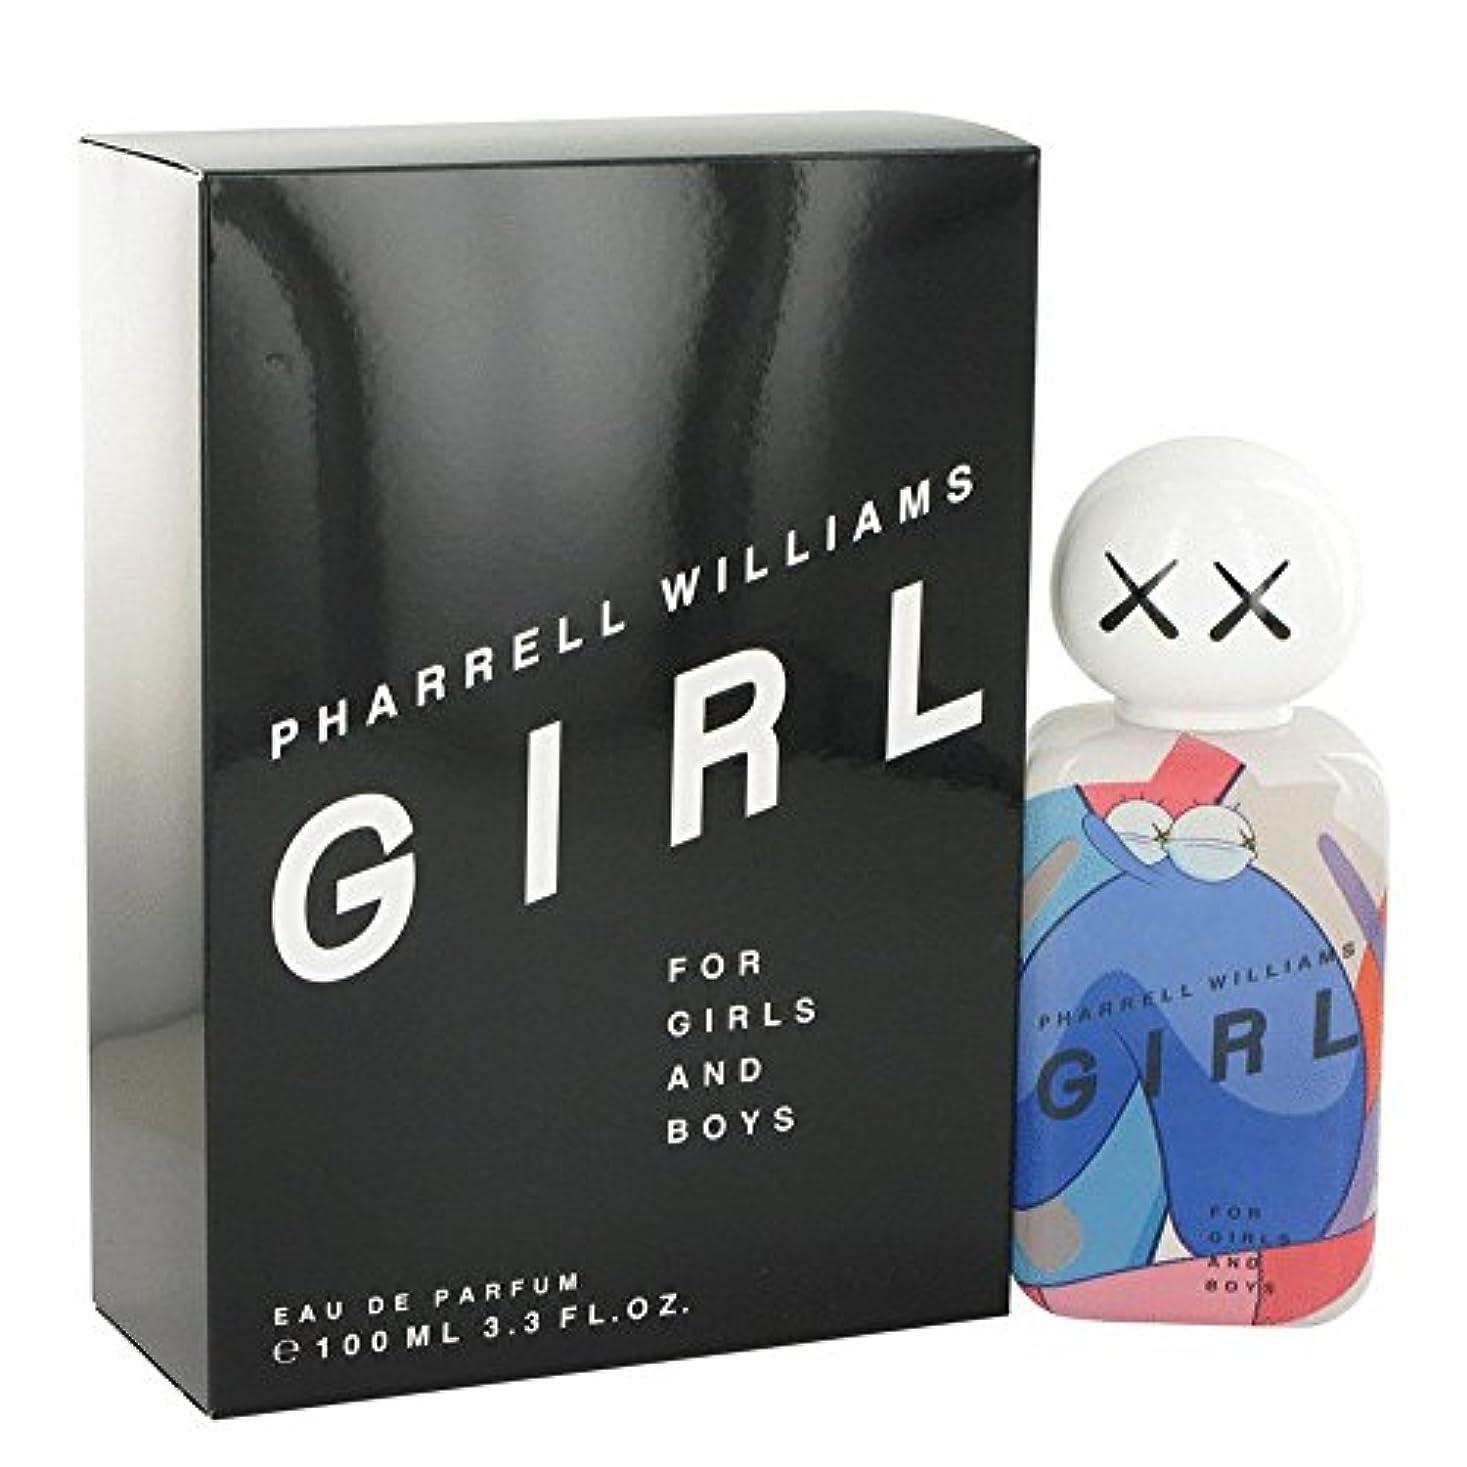 出会いものロビー【コム デ ギャルソン パルファム】 ファレル ウィリアムス ガール GIRL by Pharrell Williams EDP SP 100ml [並行輸入品]